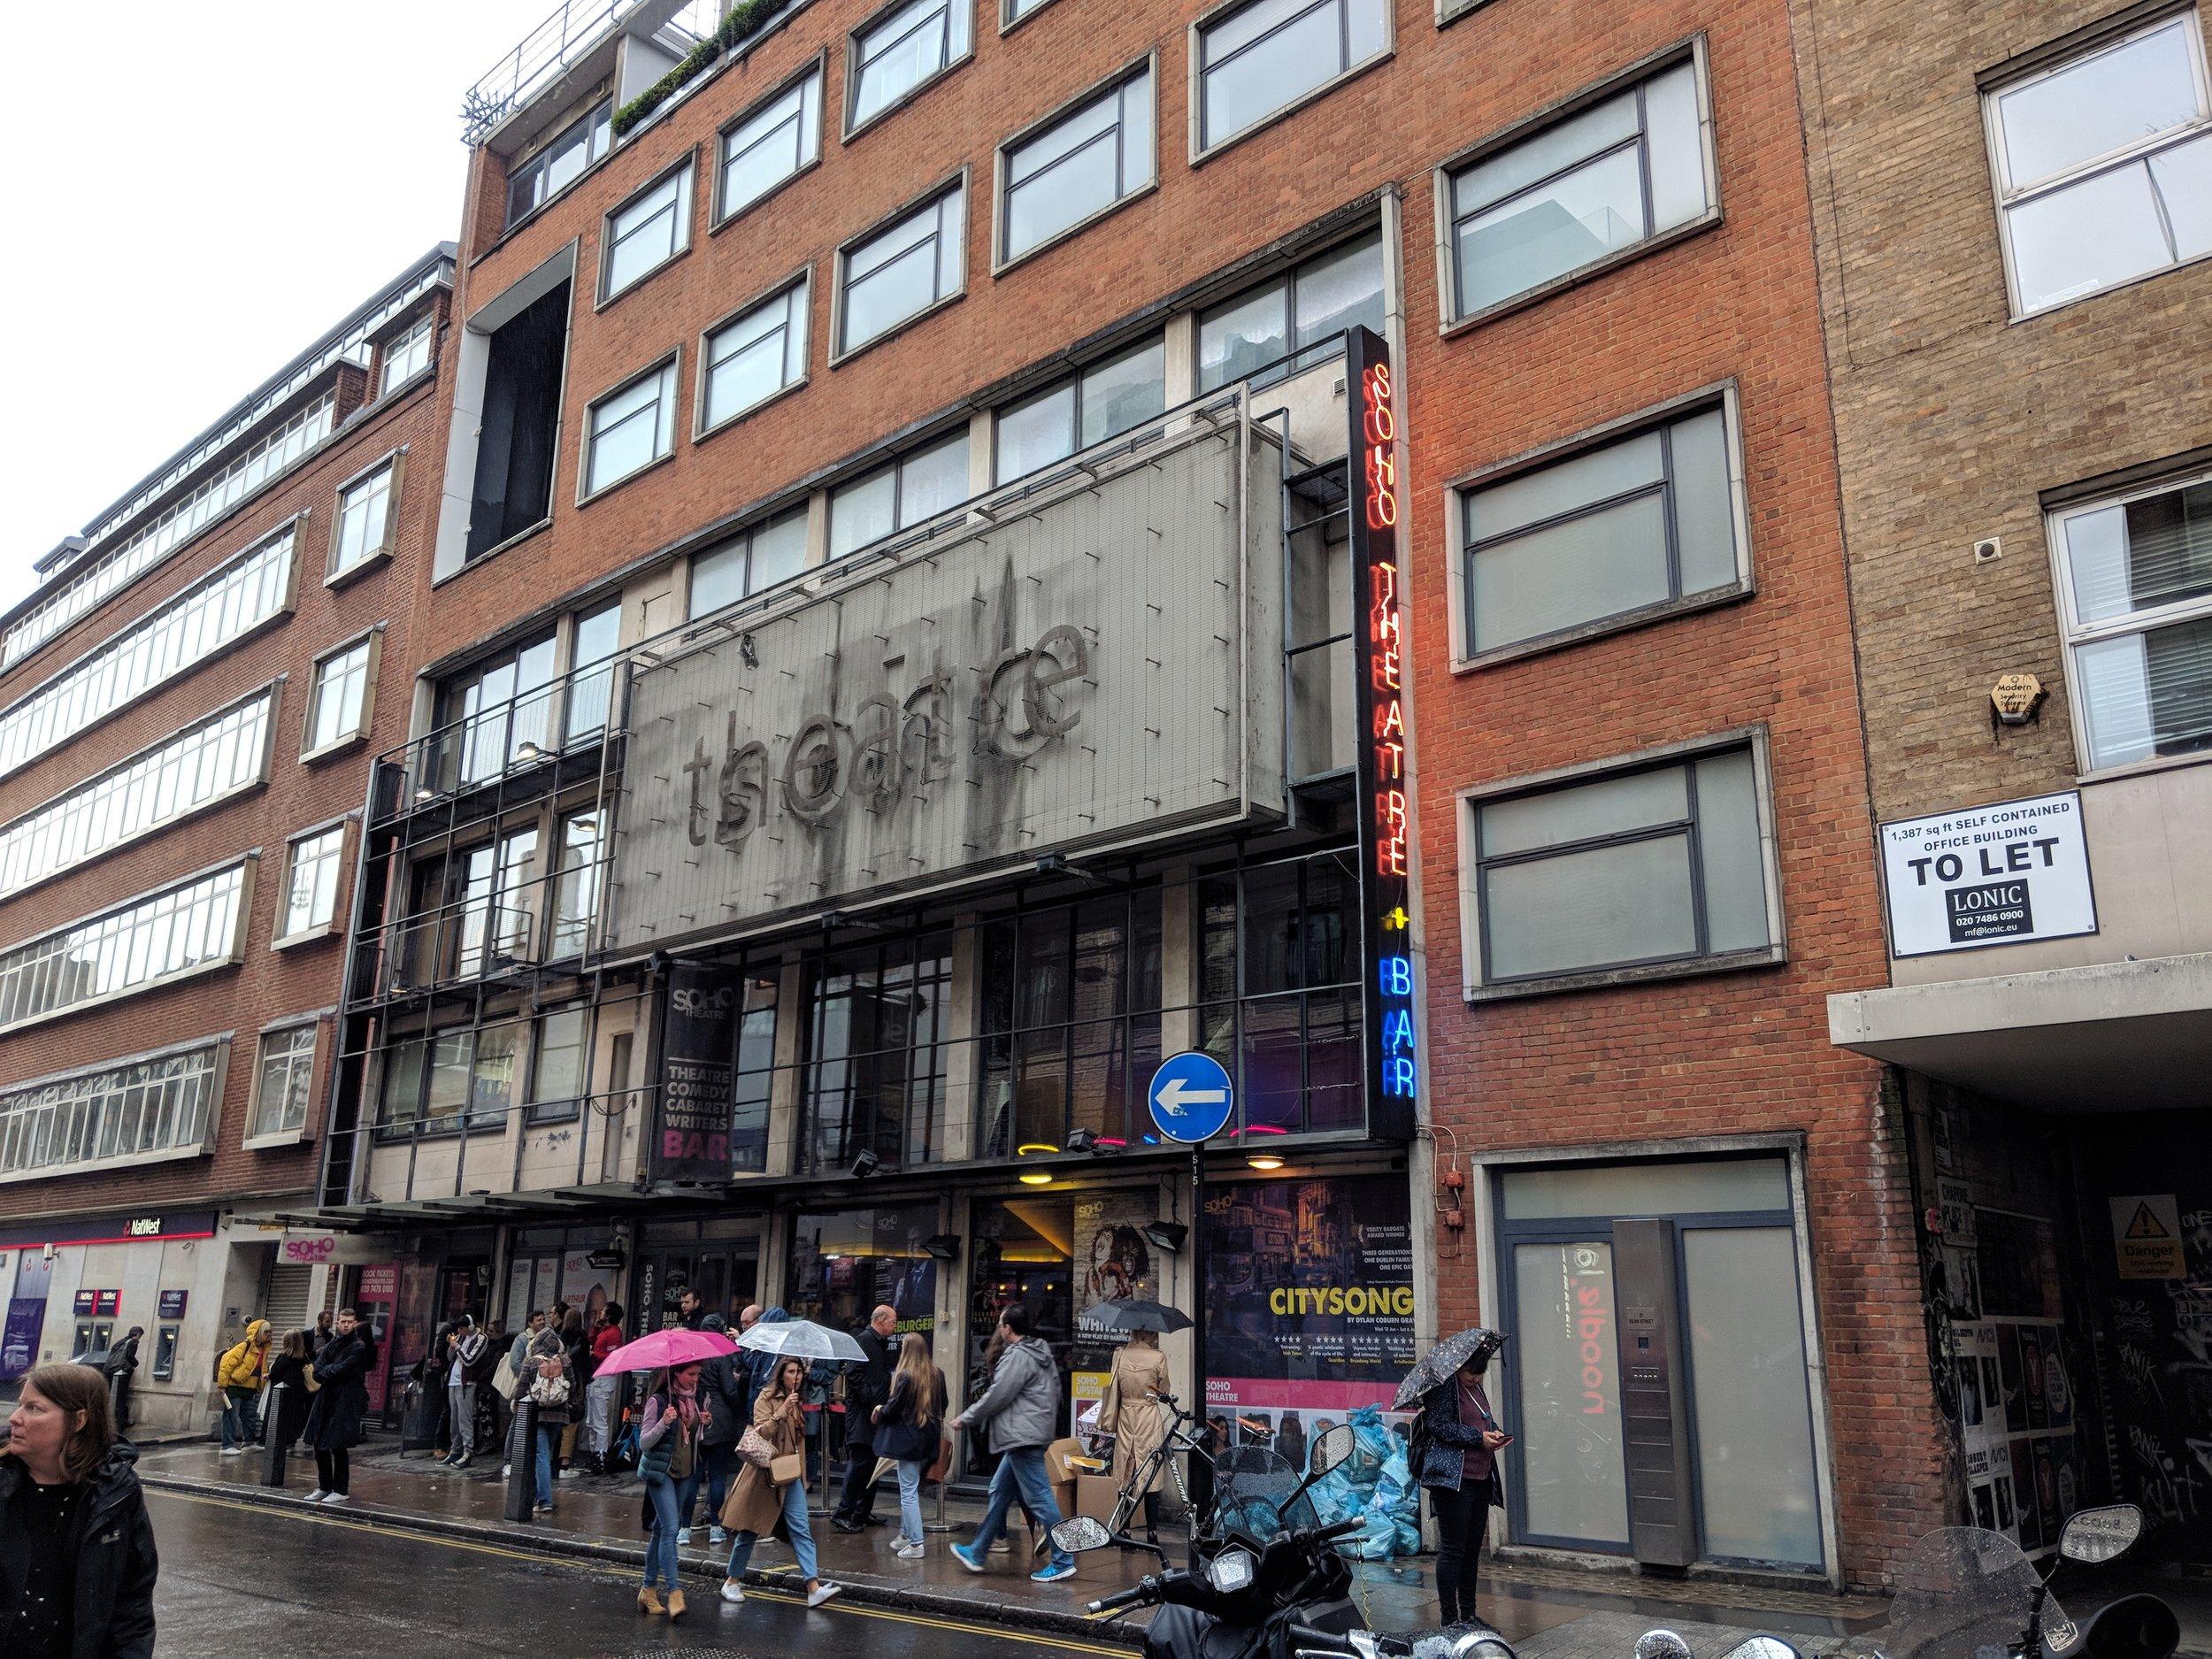 Soho Theatre(Soho Theatre) - visited 12/06/2019